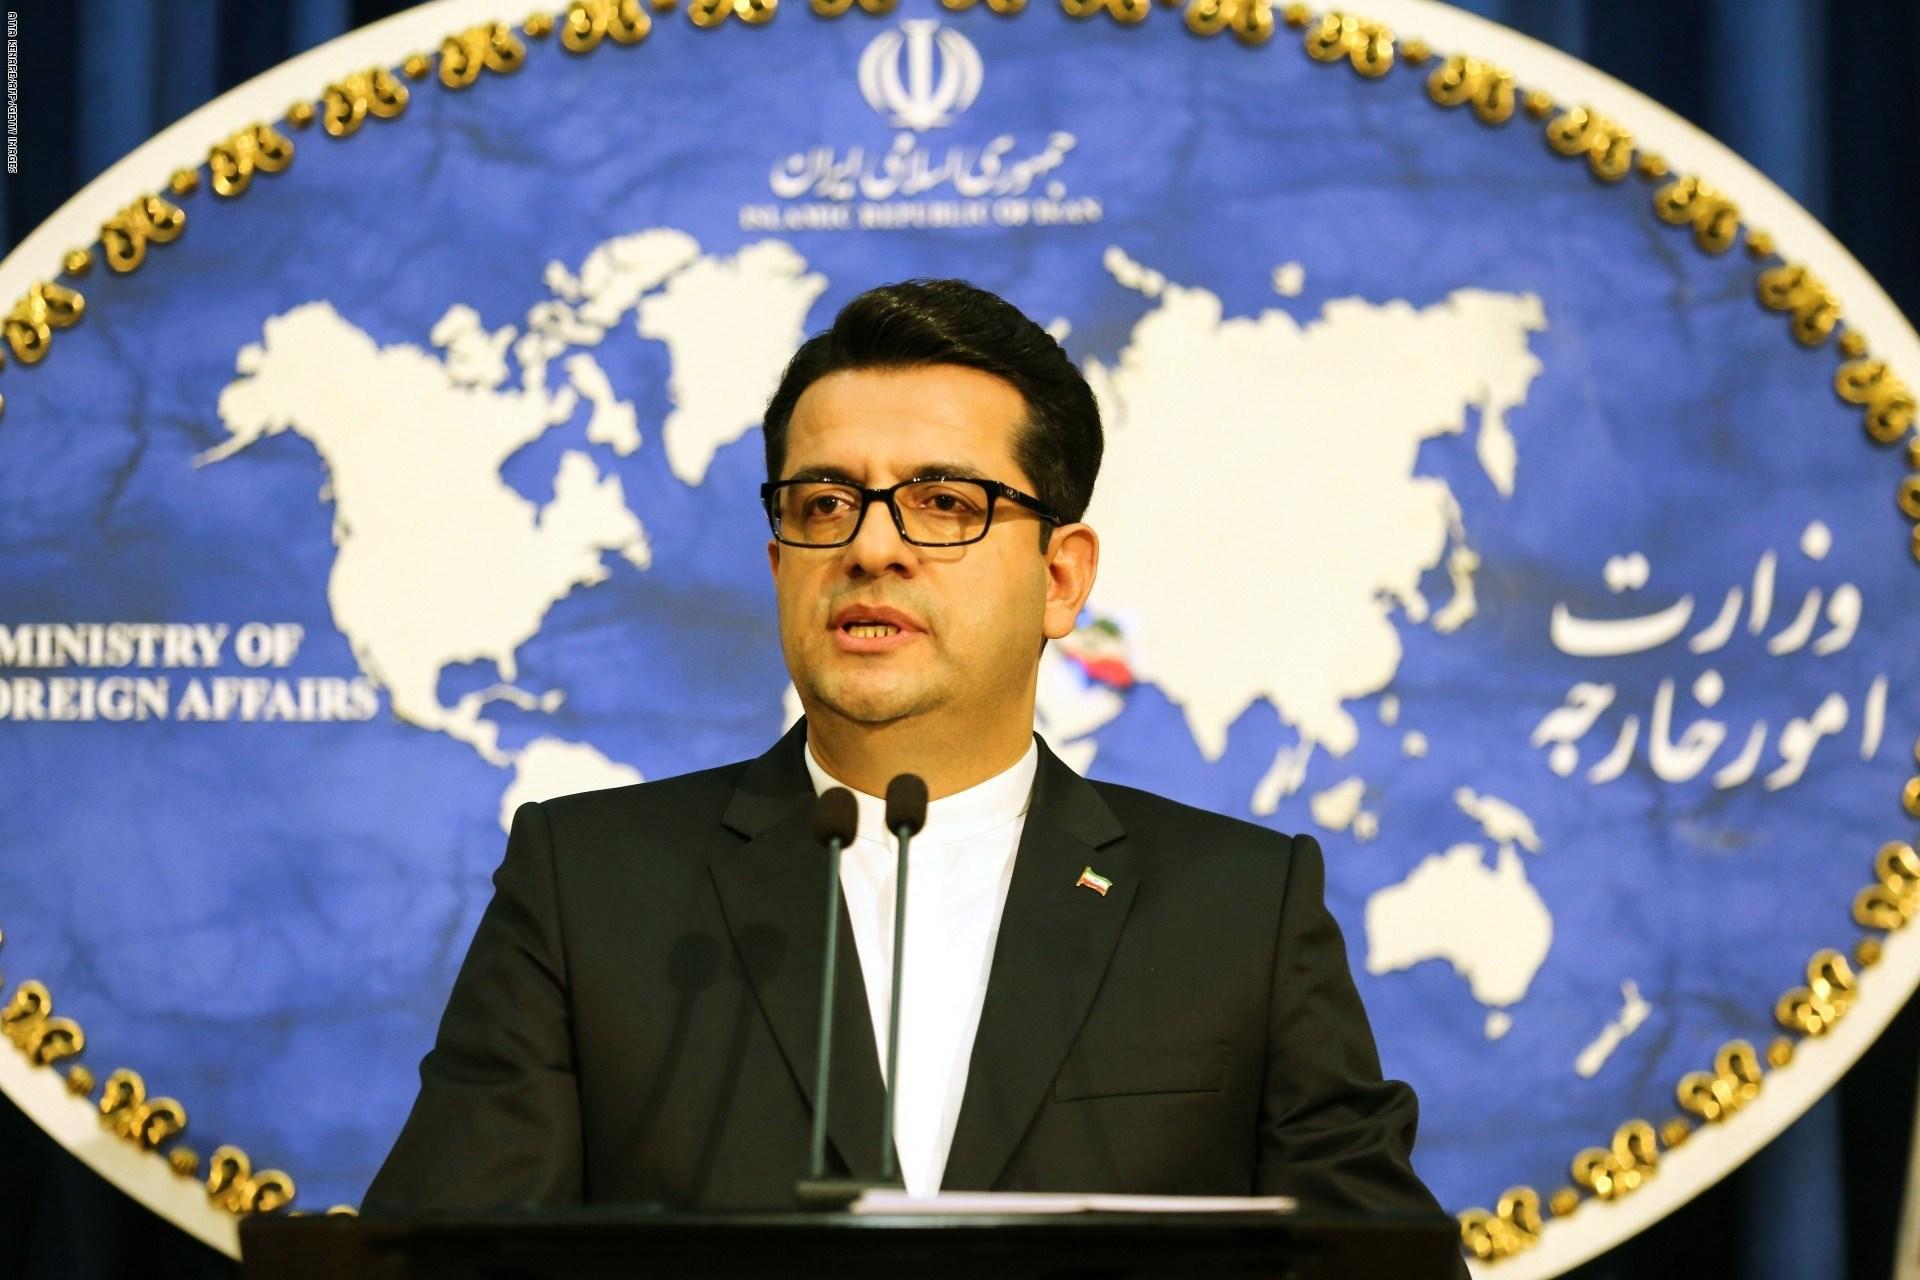 الخارجية الإيرانية: مؤسفة جداً ردة فعل المسؤولين الأميركيين الوقحة على تقرير الامم المتحدة حول الشهيد سليماني